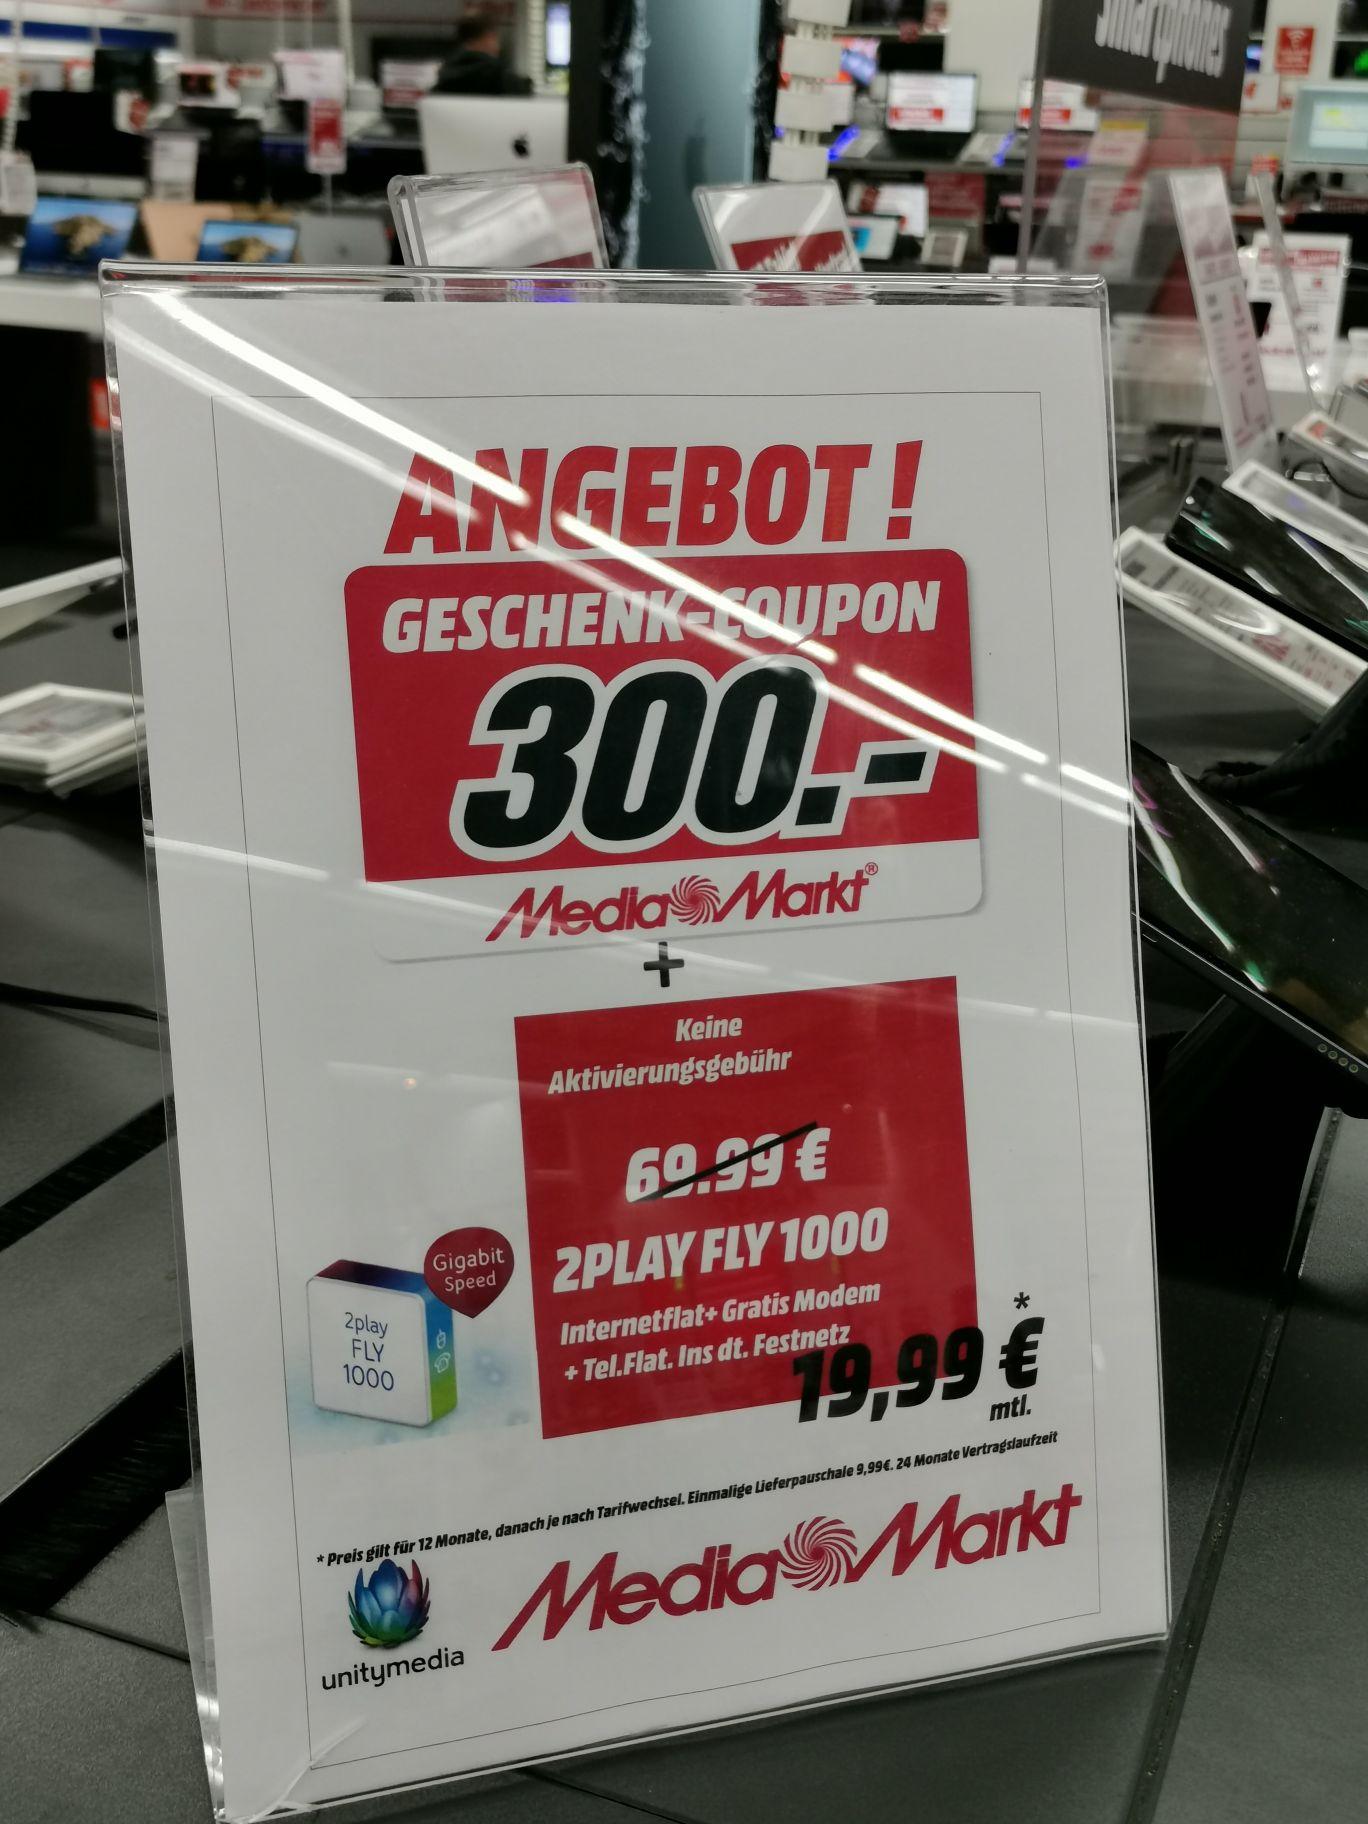 Unitymedia 2Play 1000Mbits für 19,99€ und 300€ MediaMarkt coupon